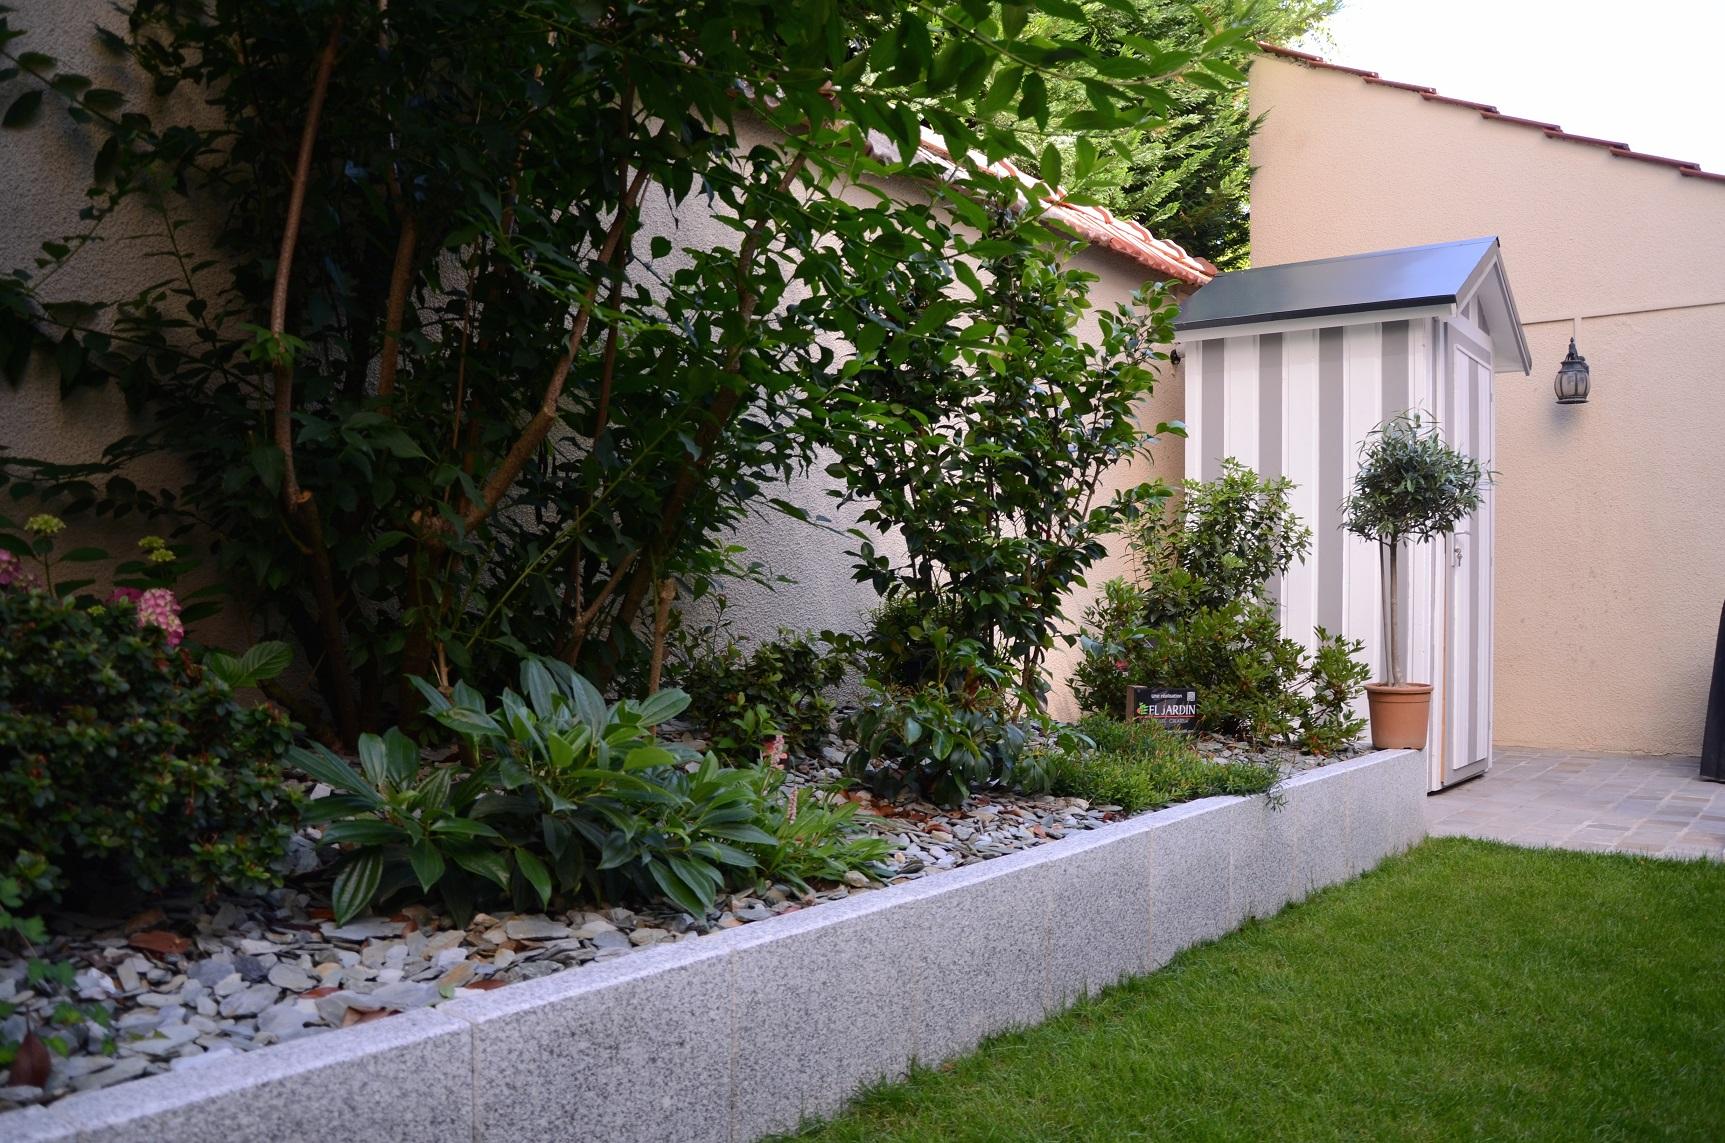 Pergolas, abris de jardin, gloriettes et carports